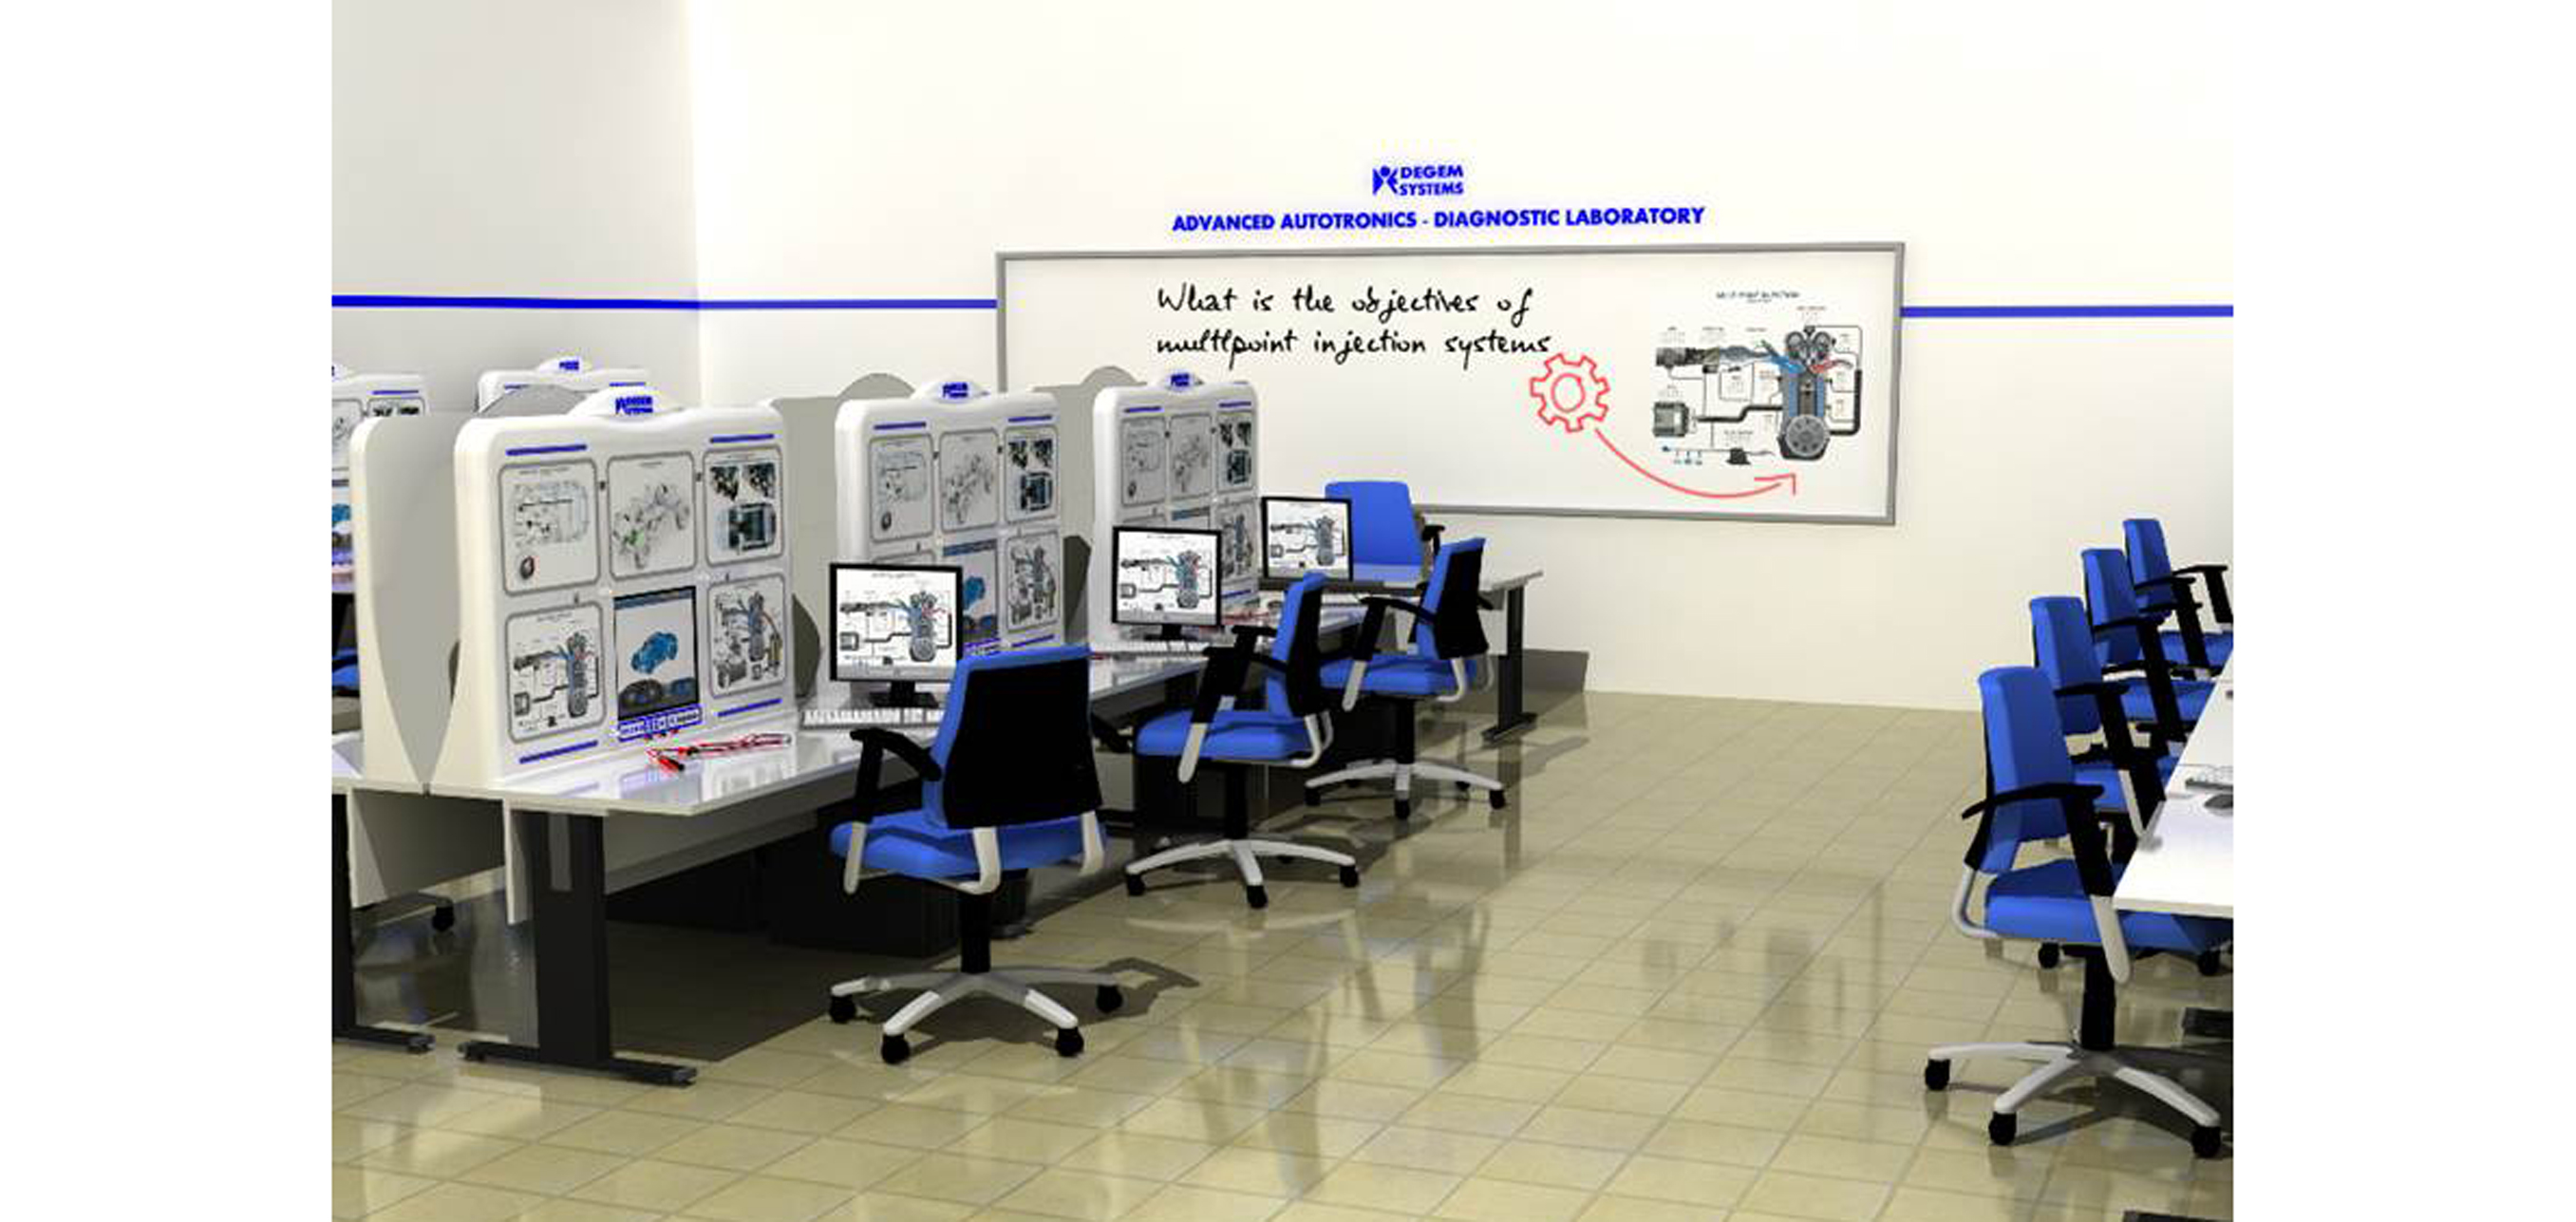 电路图,元器件管脚图,元器件可检测电子管脚,元器件位置图,led指示灯